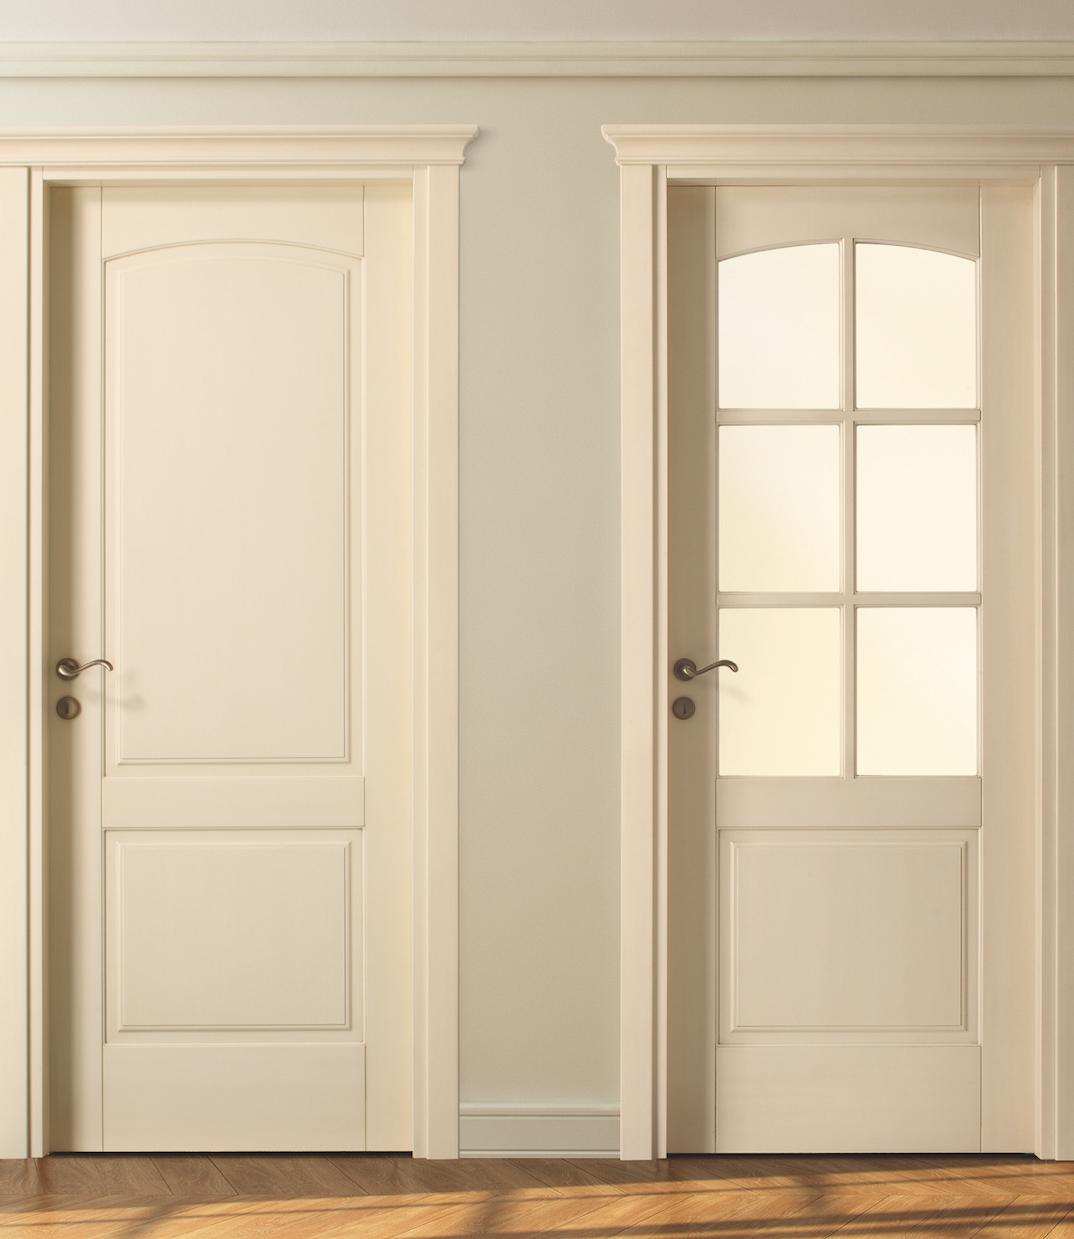 Juego de manillas modelo maria en acabado bronce sobre - Manillas de puertas de interior ...